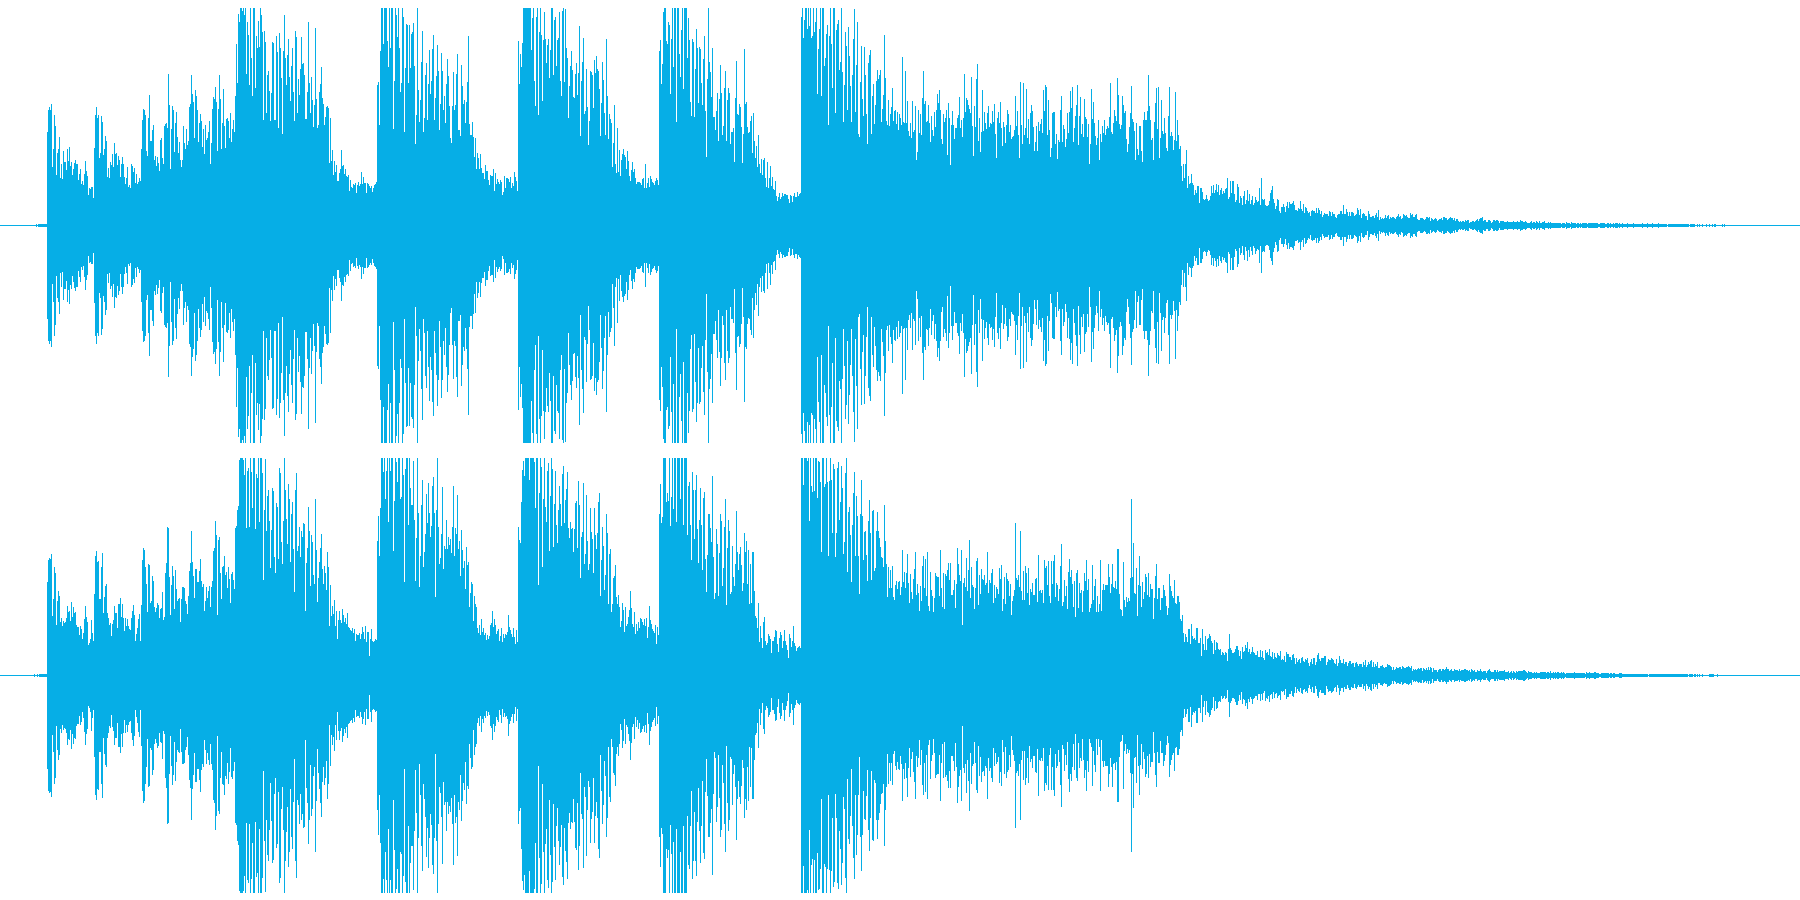 派手なEDM風のジングルの再生済みの波形